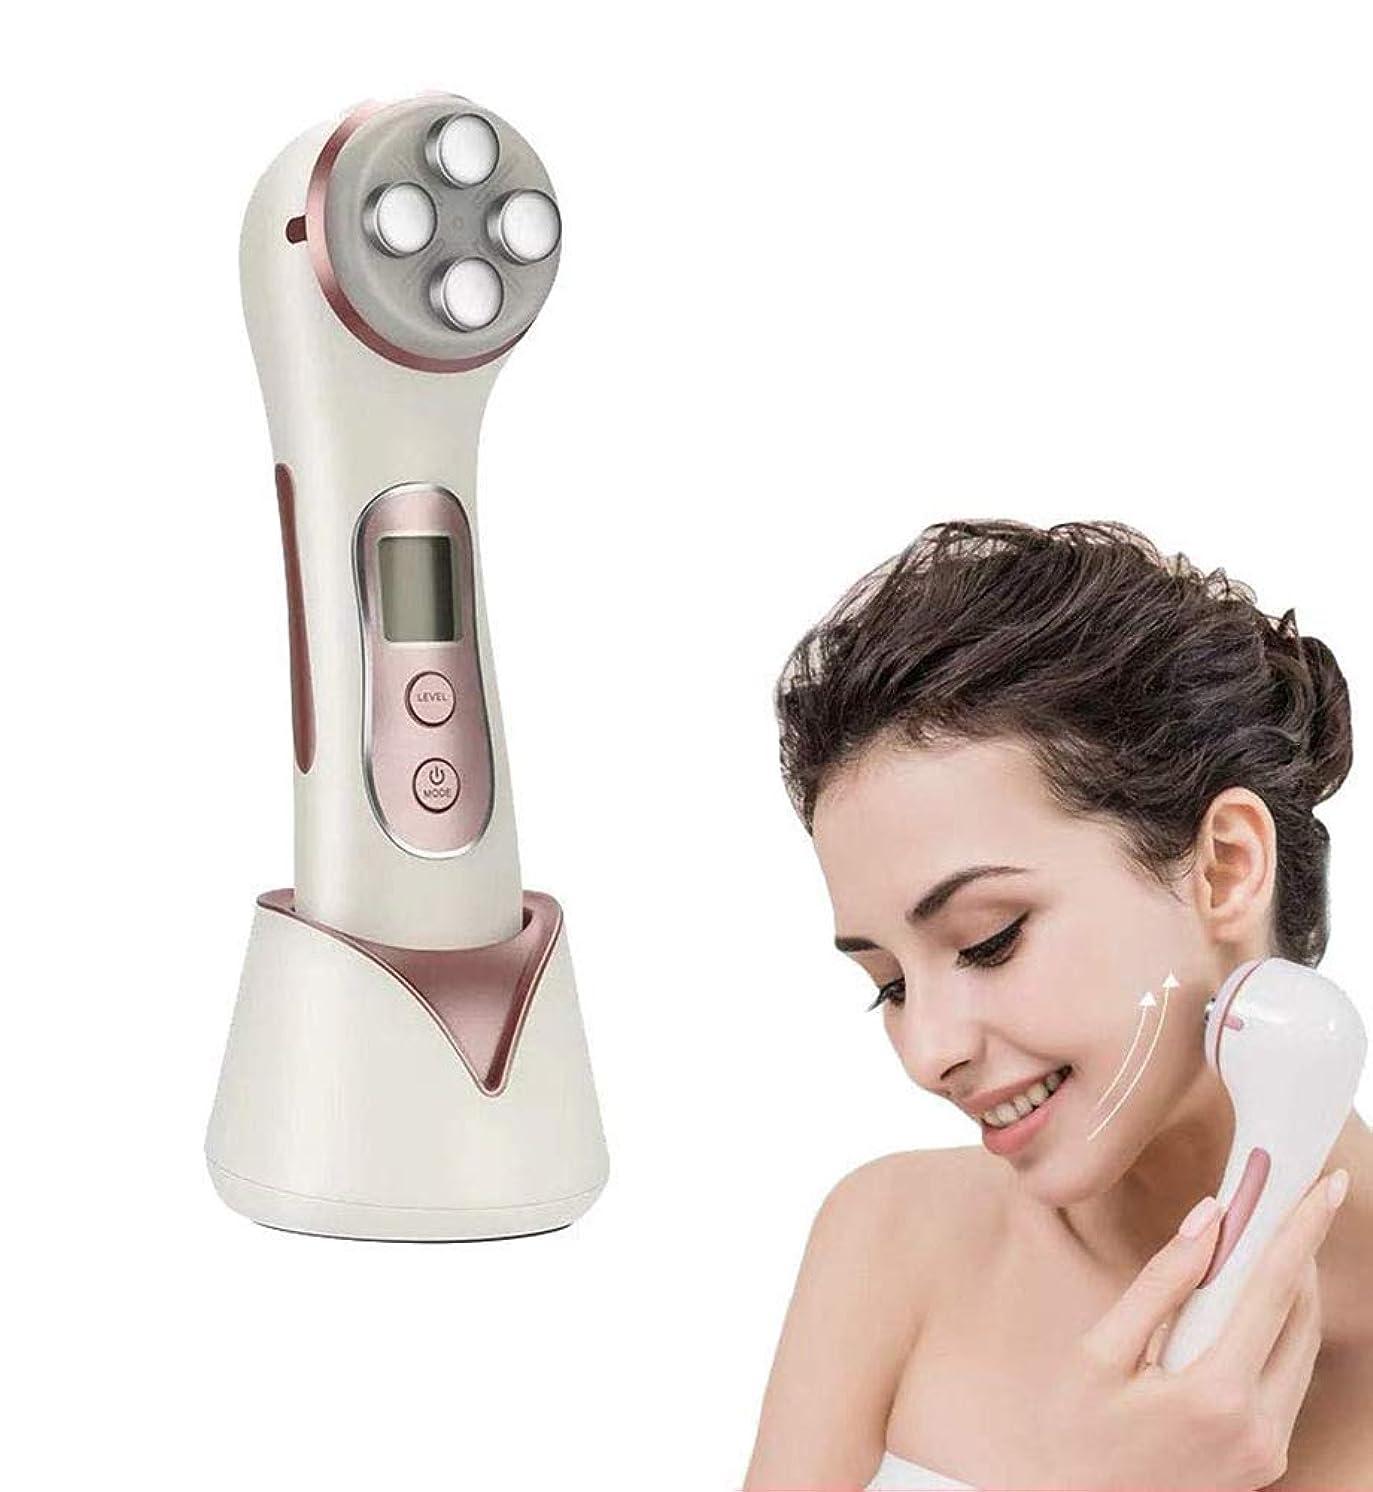 ラブ窒息させる先生1に付き5つの顔のマッサージャー - 高周波RF LED EMS美容機リフトアンチエイジング、肌の引き締め、フェイスクレンジング、にきび、しわの減少男性女性